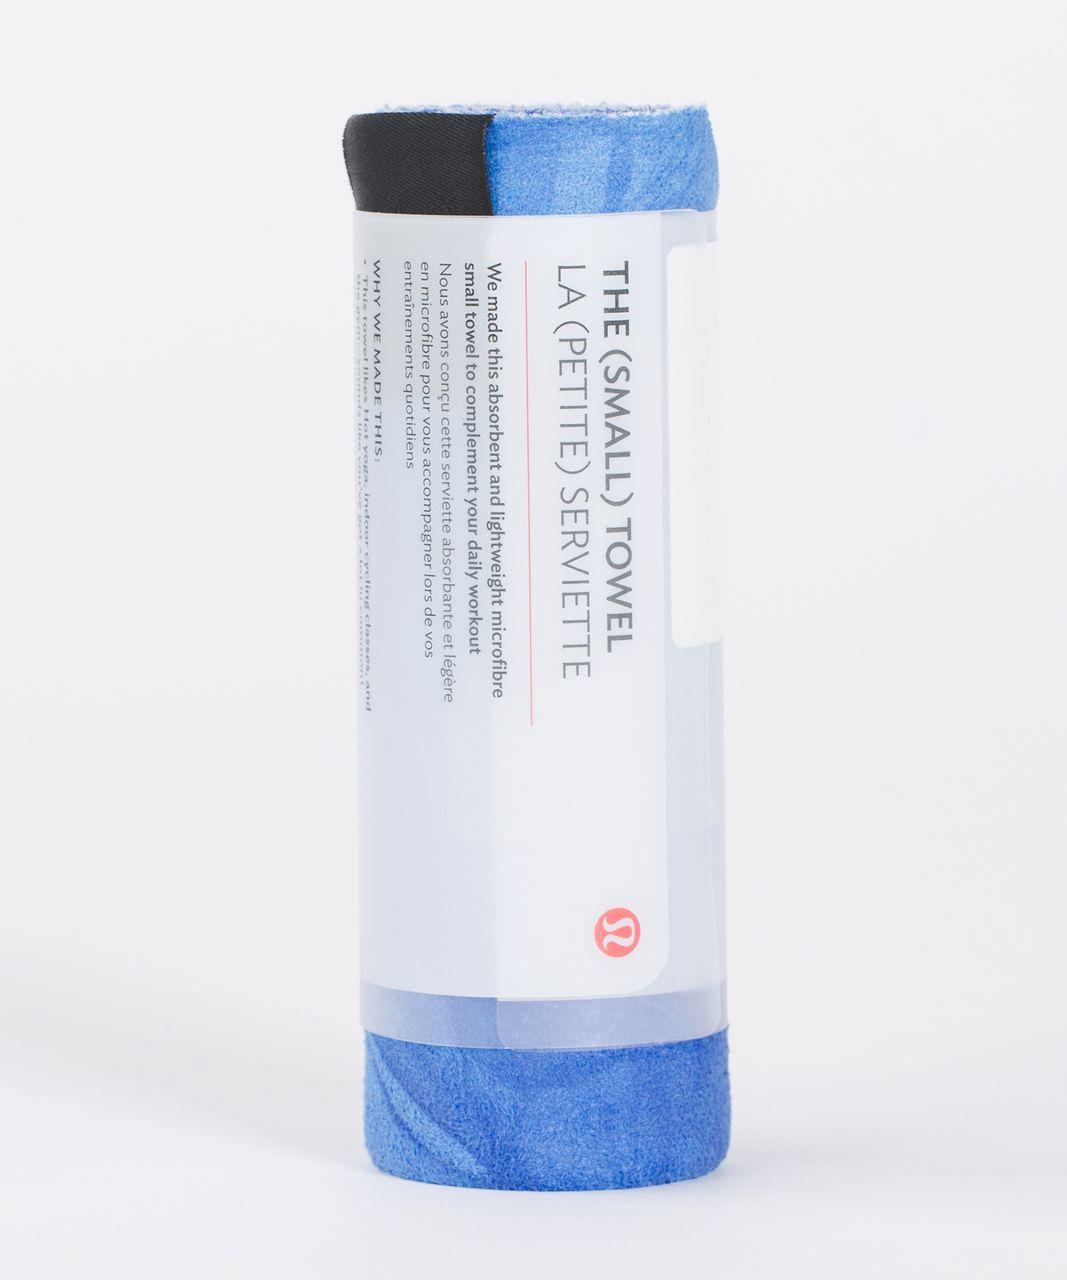 Lululemon The (Small) Towel - Midnight Tulle Multi